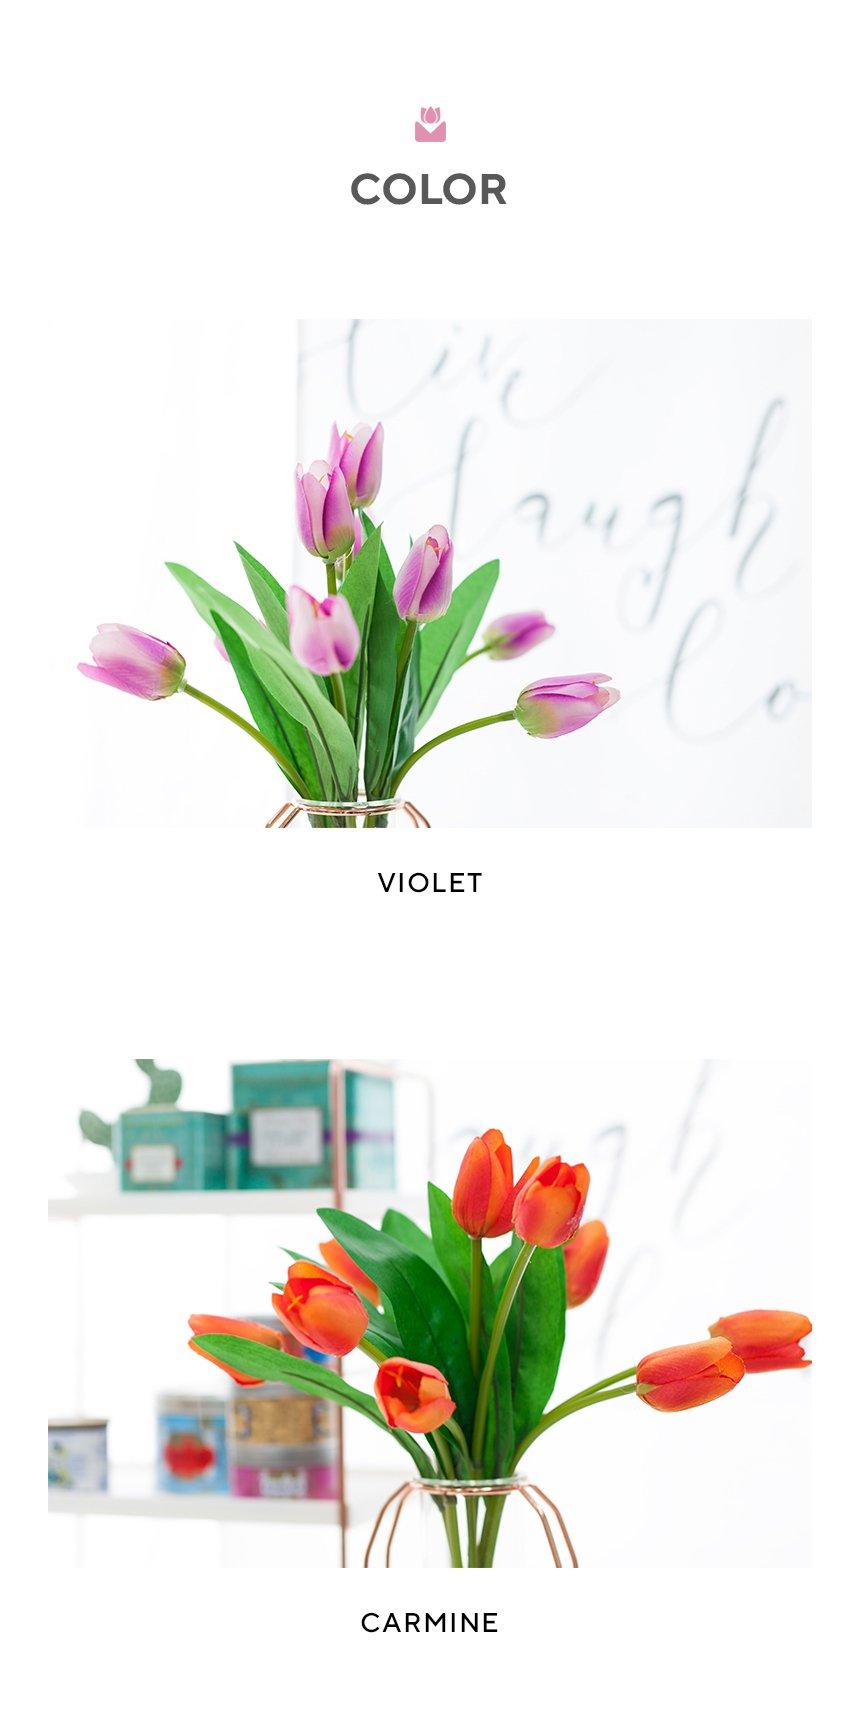 VIO-tulip-bush_05.jpg